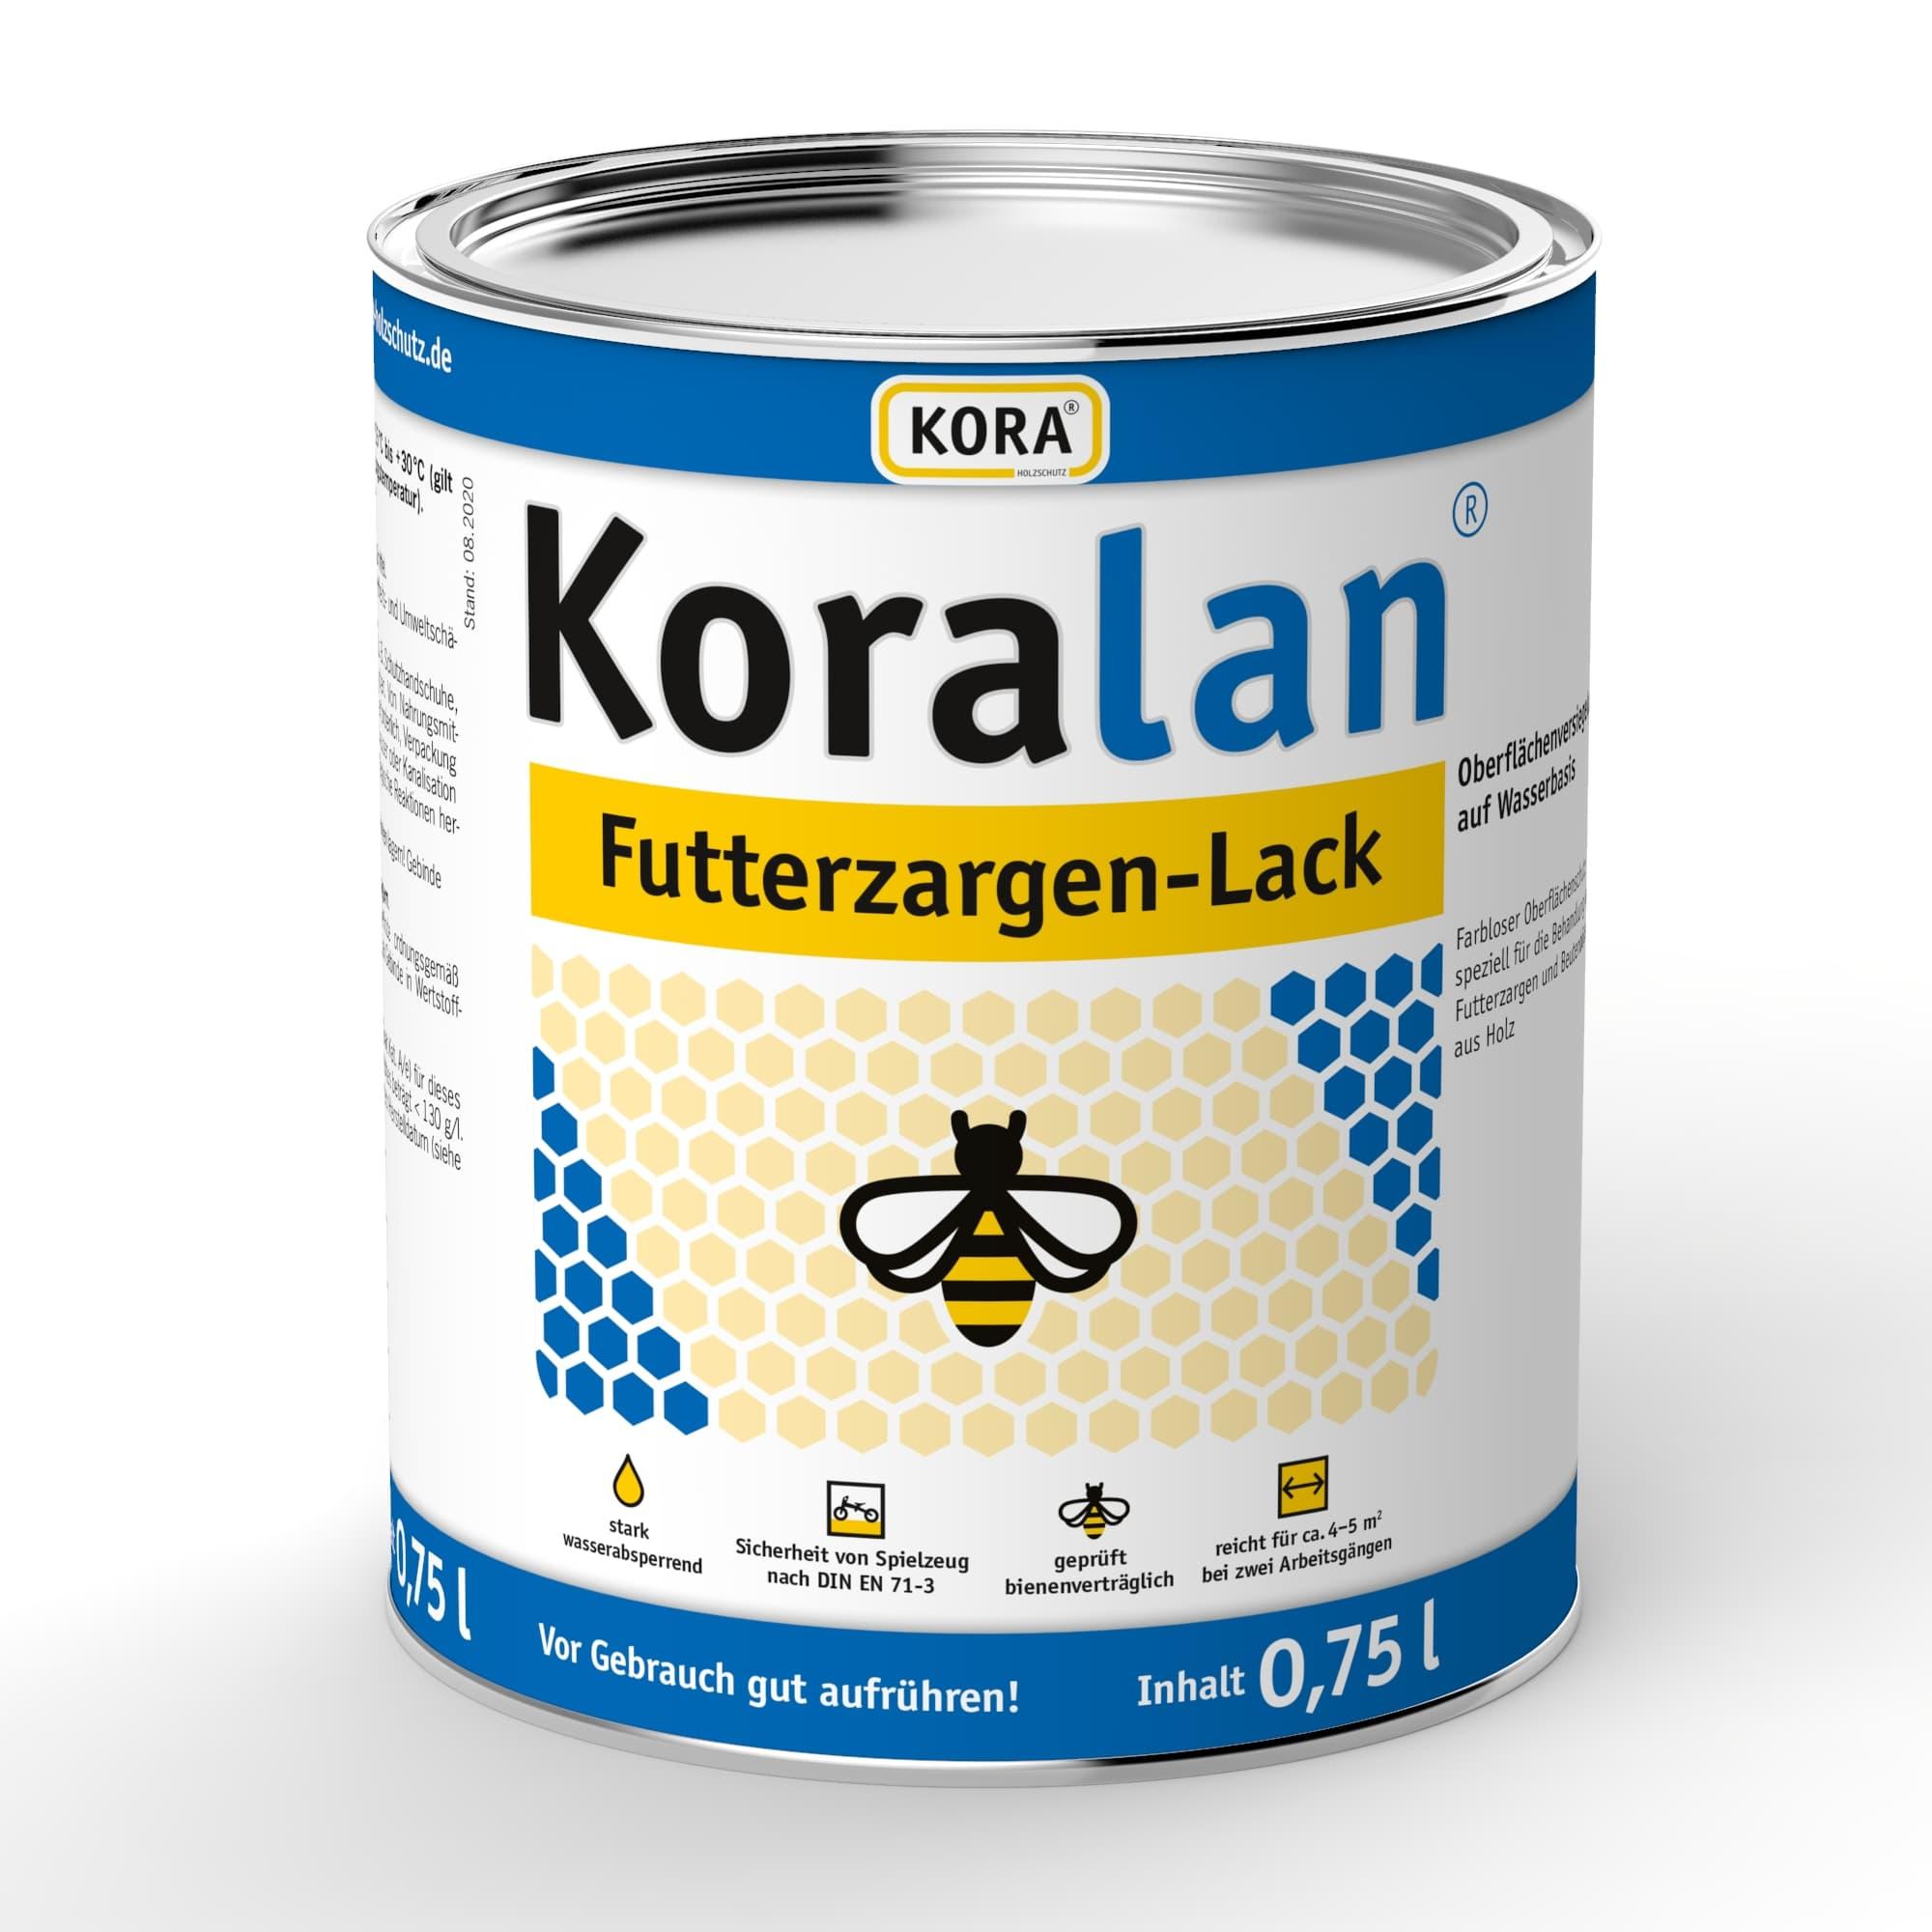 Koralan Futterzargen Lack (farblos) 750 ml die bessere Alternative zum Bottichlack, zum Versiegeln von Futterzargen aus Holz und Styropor